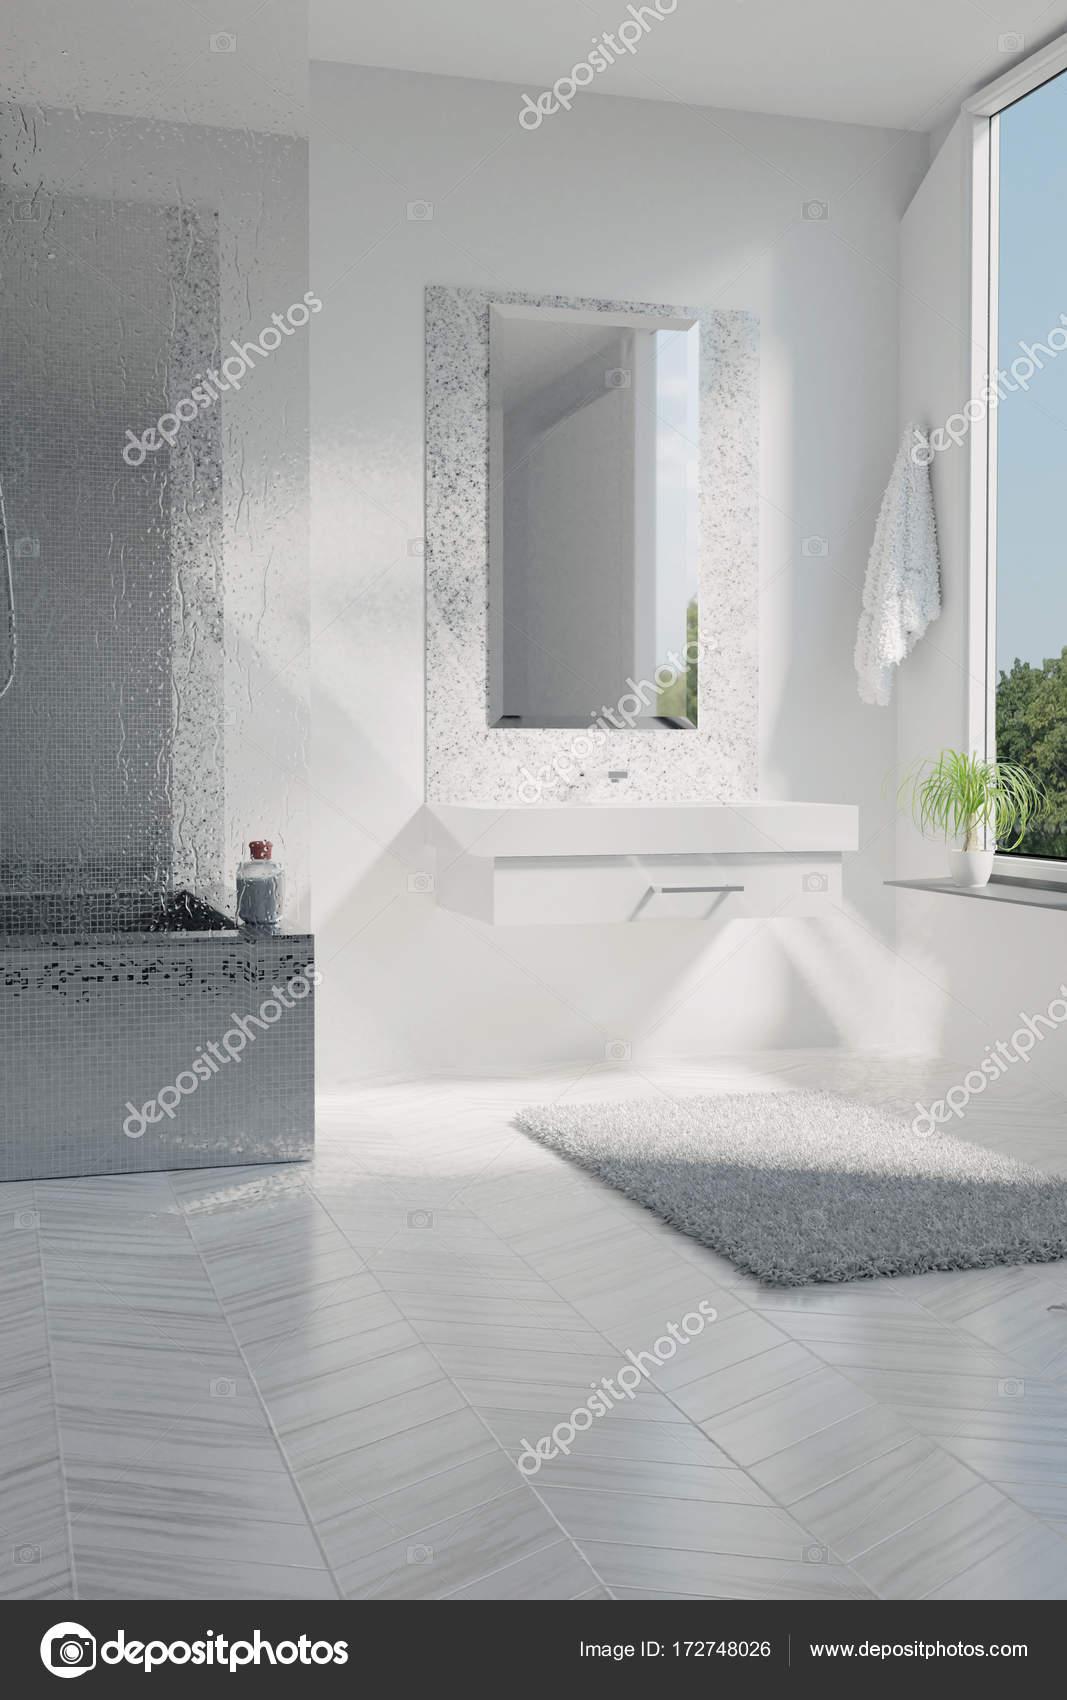 3D-Rendering des weißen Luxus-Badezimmer mit Mosaik-Fliesen ...